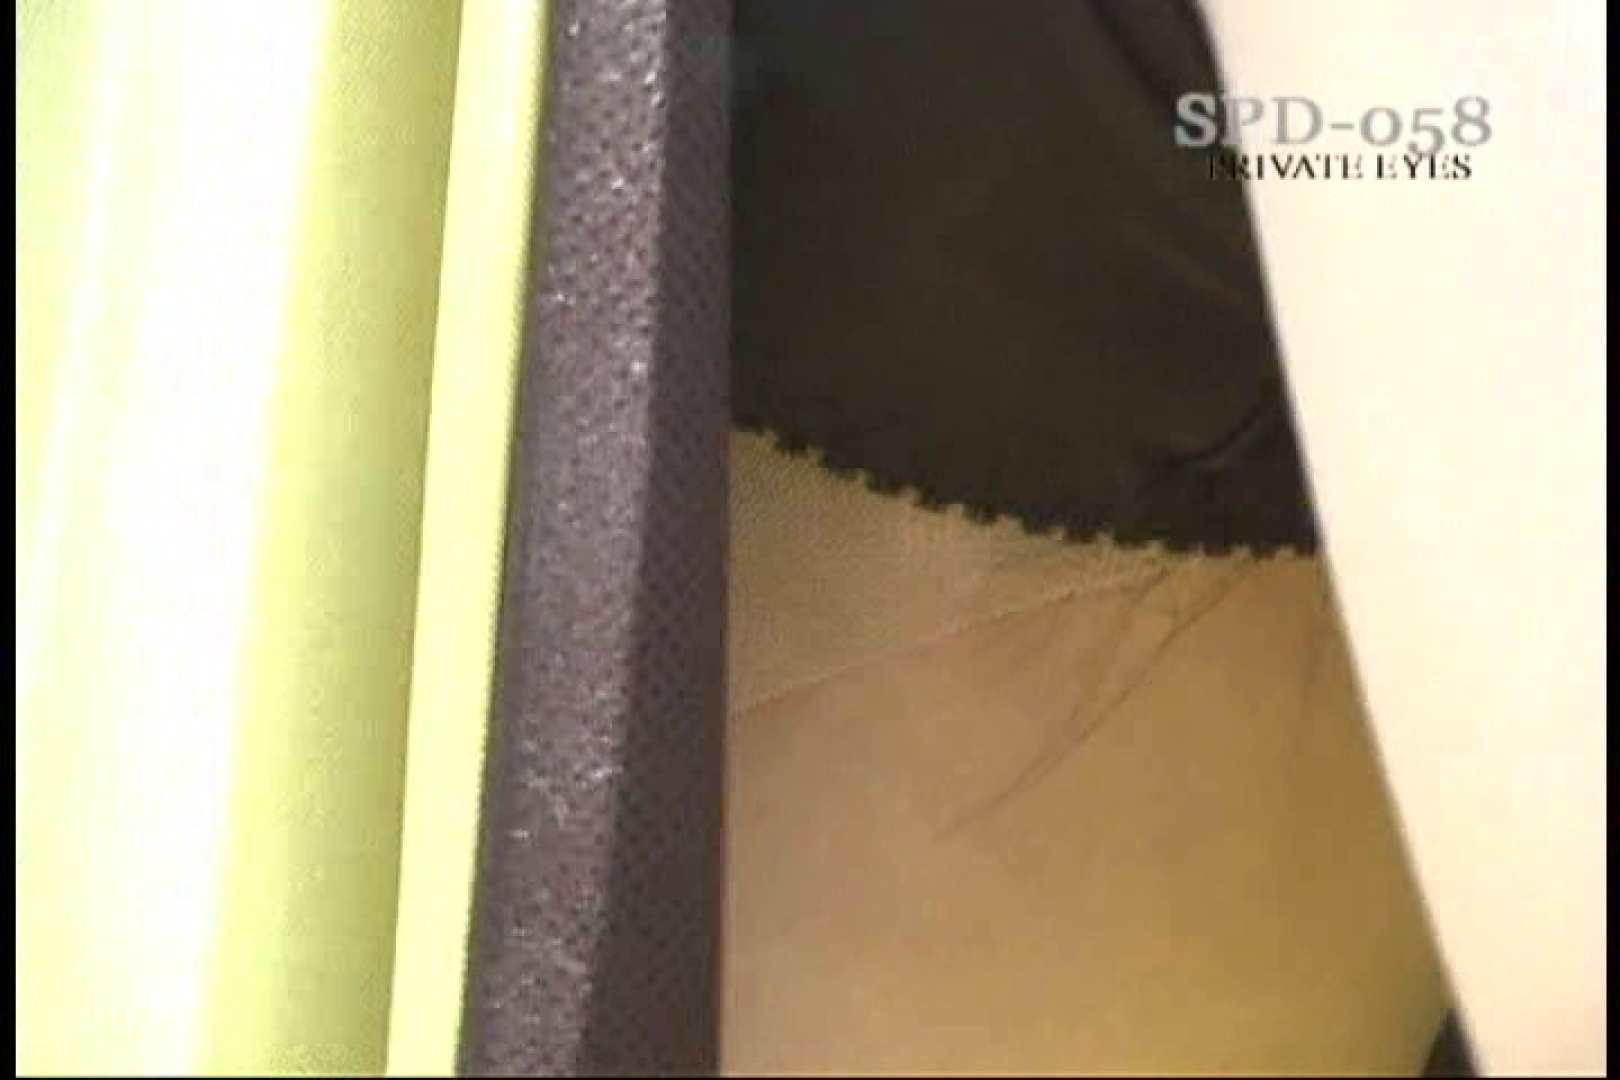 高画質版!SPD-058 ザ・レースクィーン Vゾーンハミ毛シリーズ(総集編Vol.1) レースクィーンヌード  59画像 55